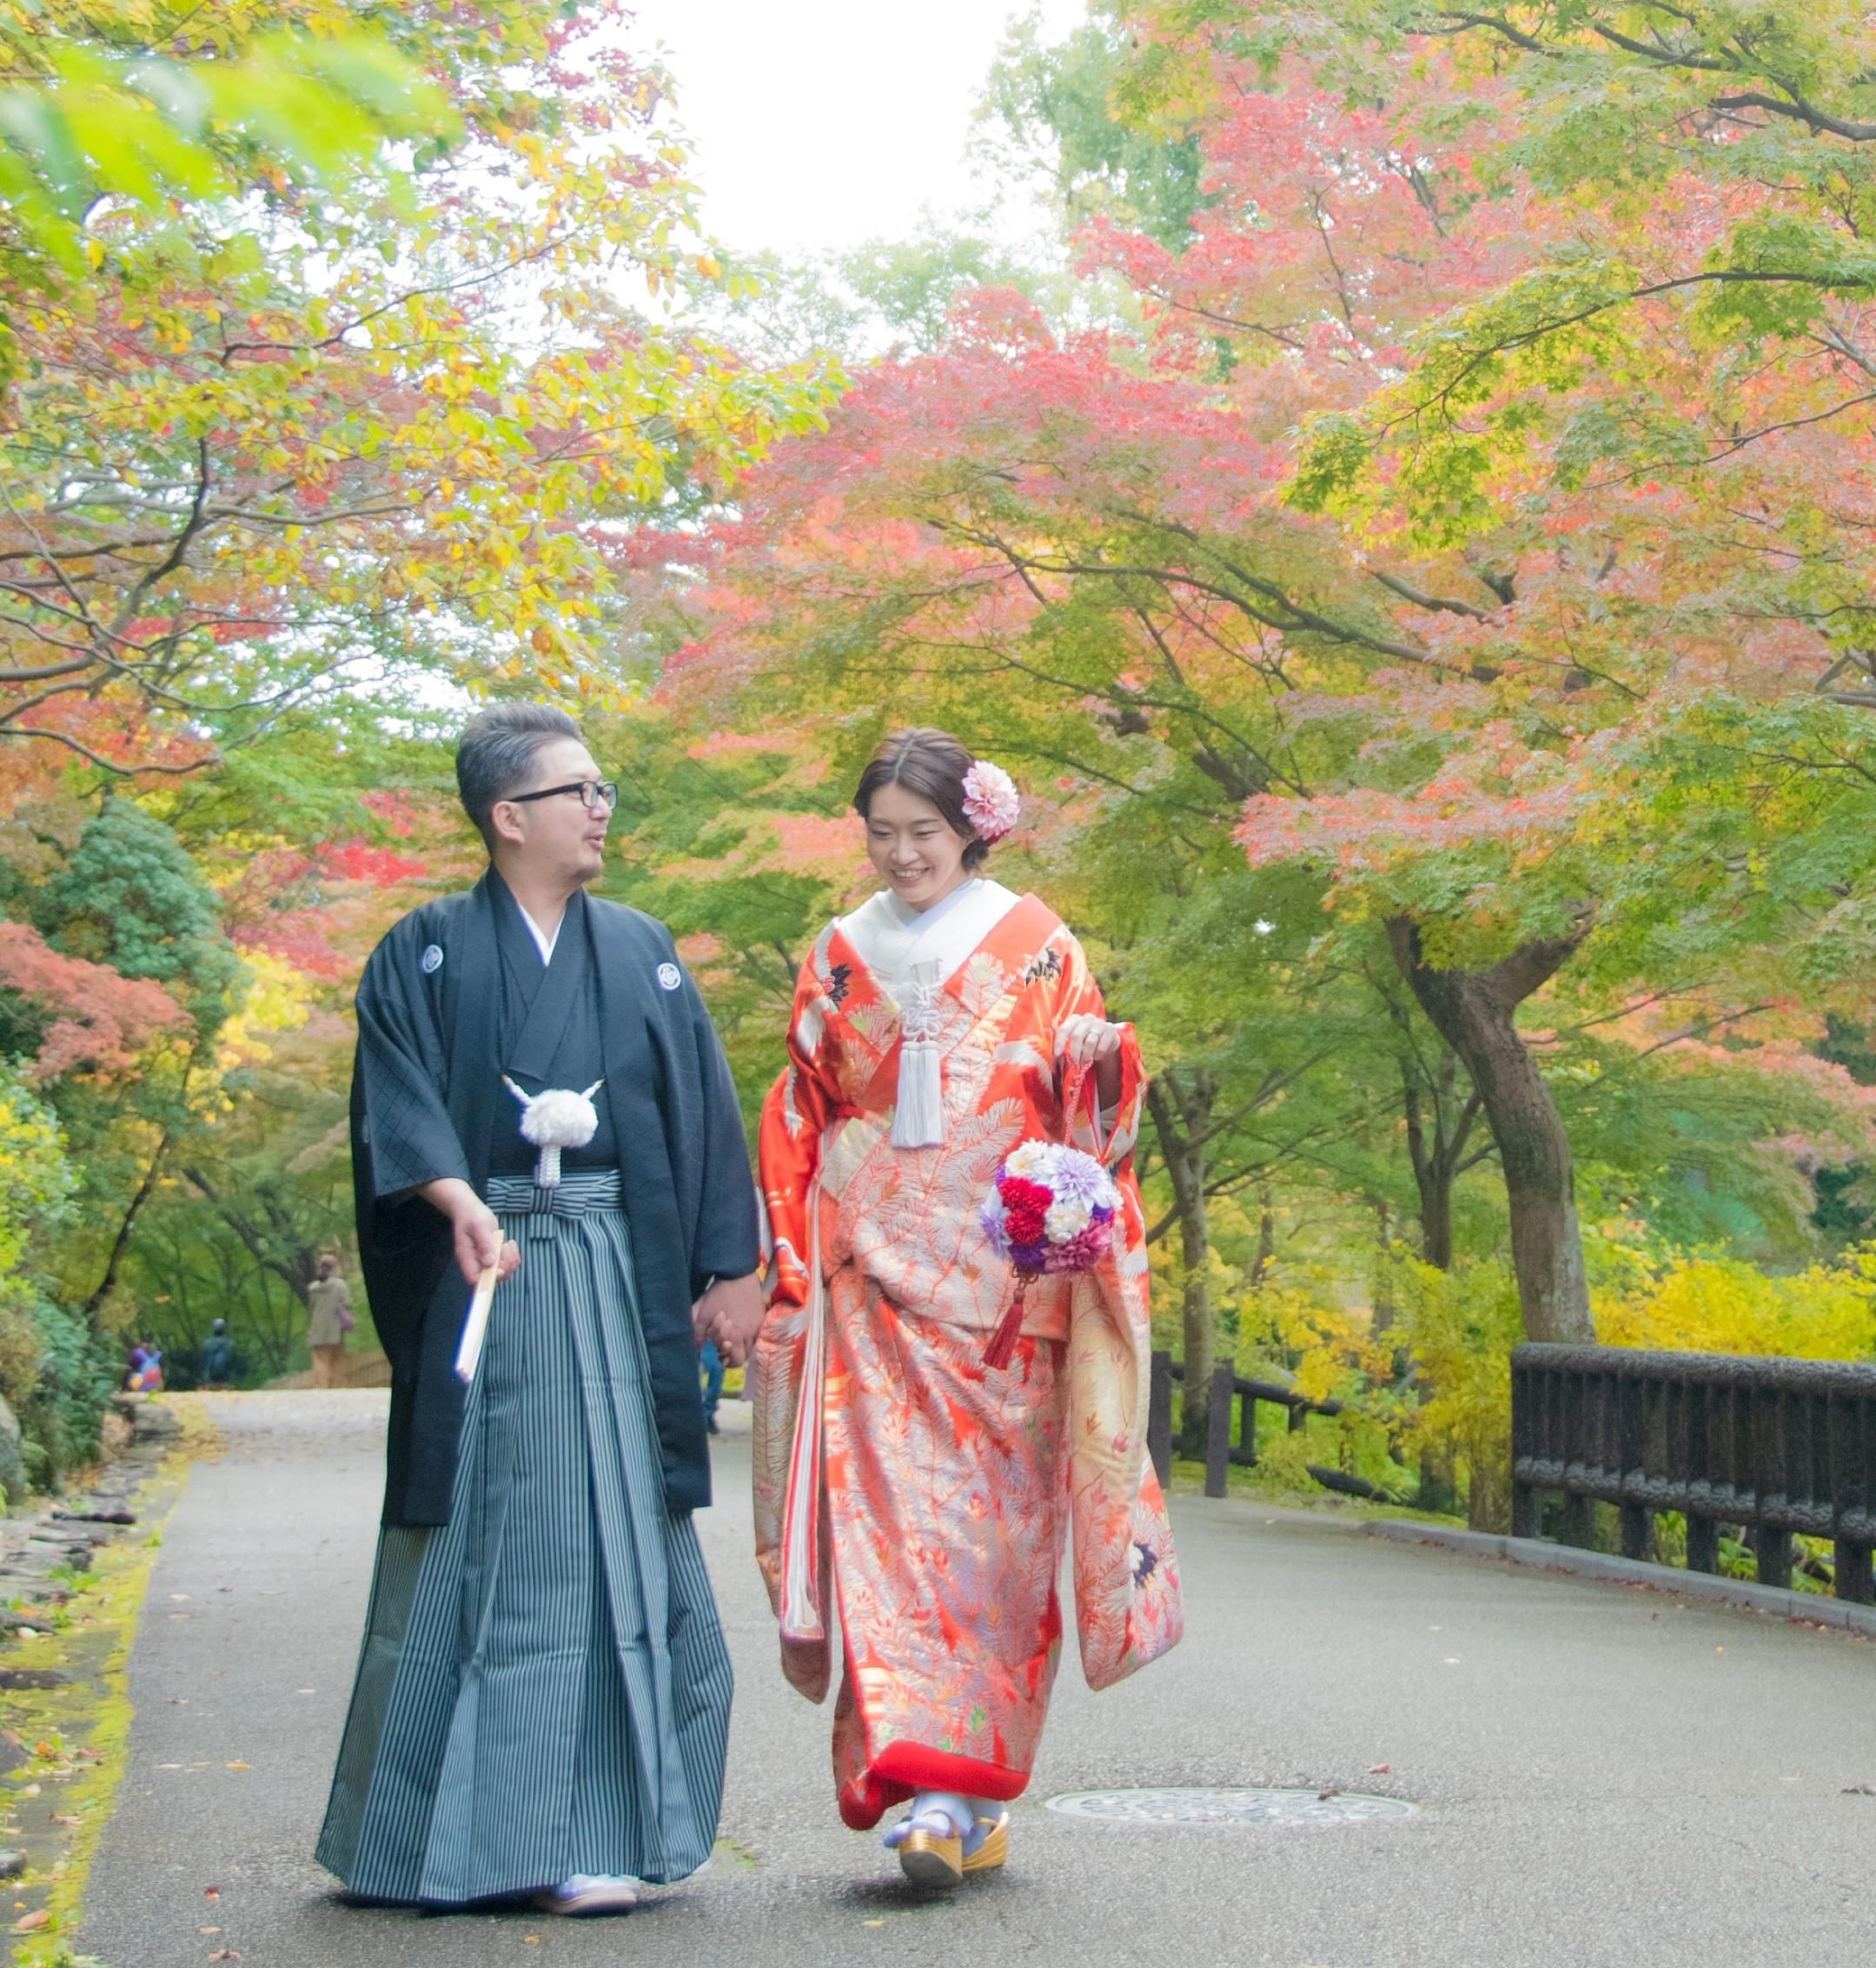 紅葉の名古屋東山植物園の宗節庵で色打掛和装前撮りロケーションフォトウェディング